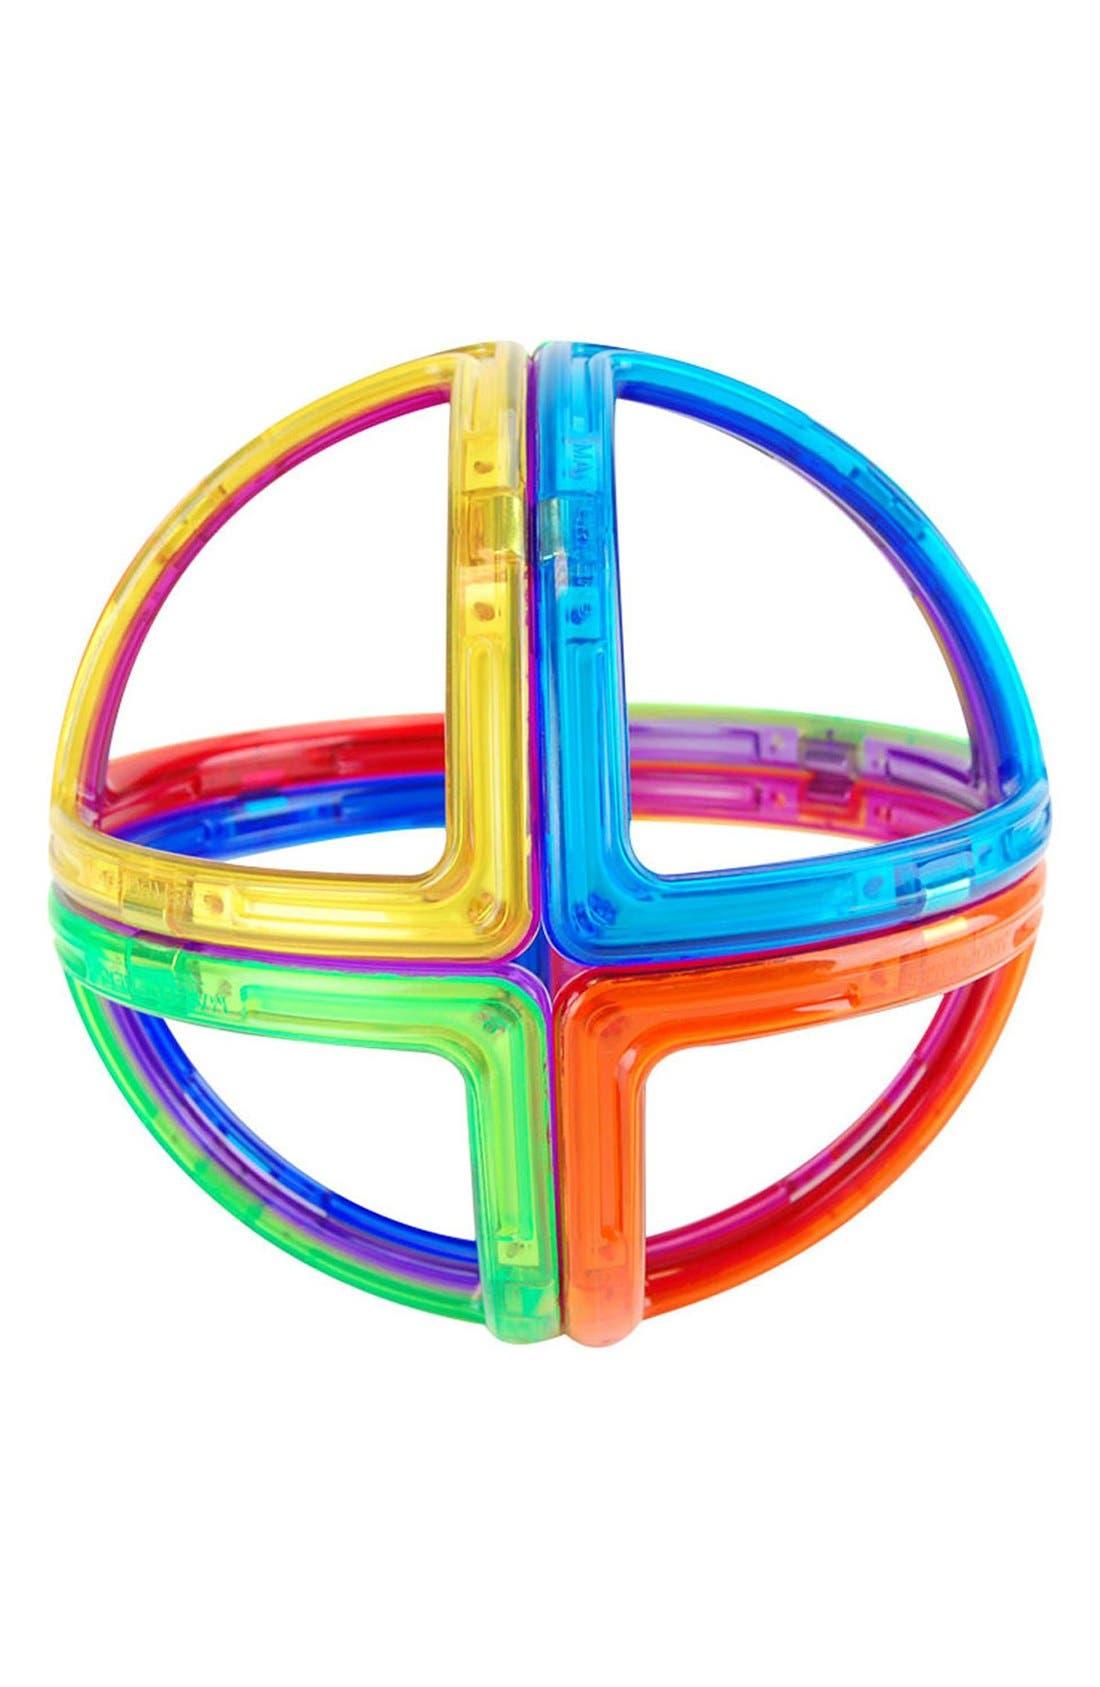 'Creator - Unique' Magnetic 3D Construction Set,                             Alternate thumbnail 5, color,                             Rainbow